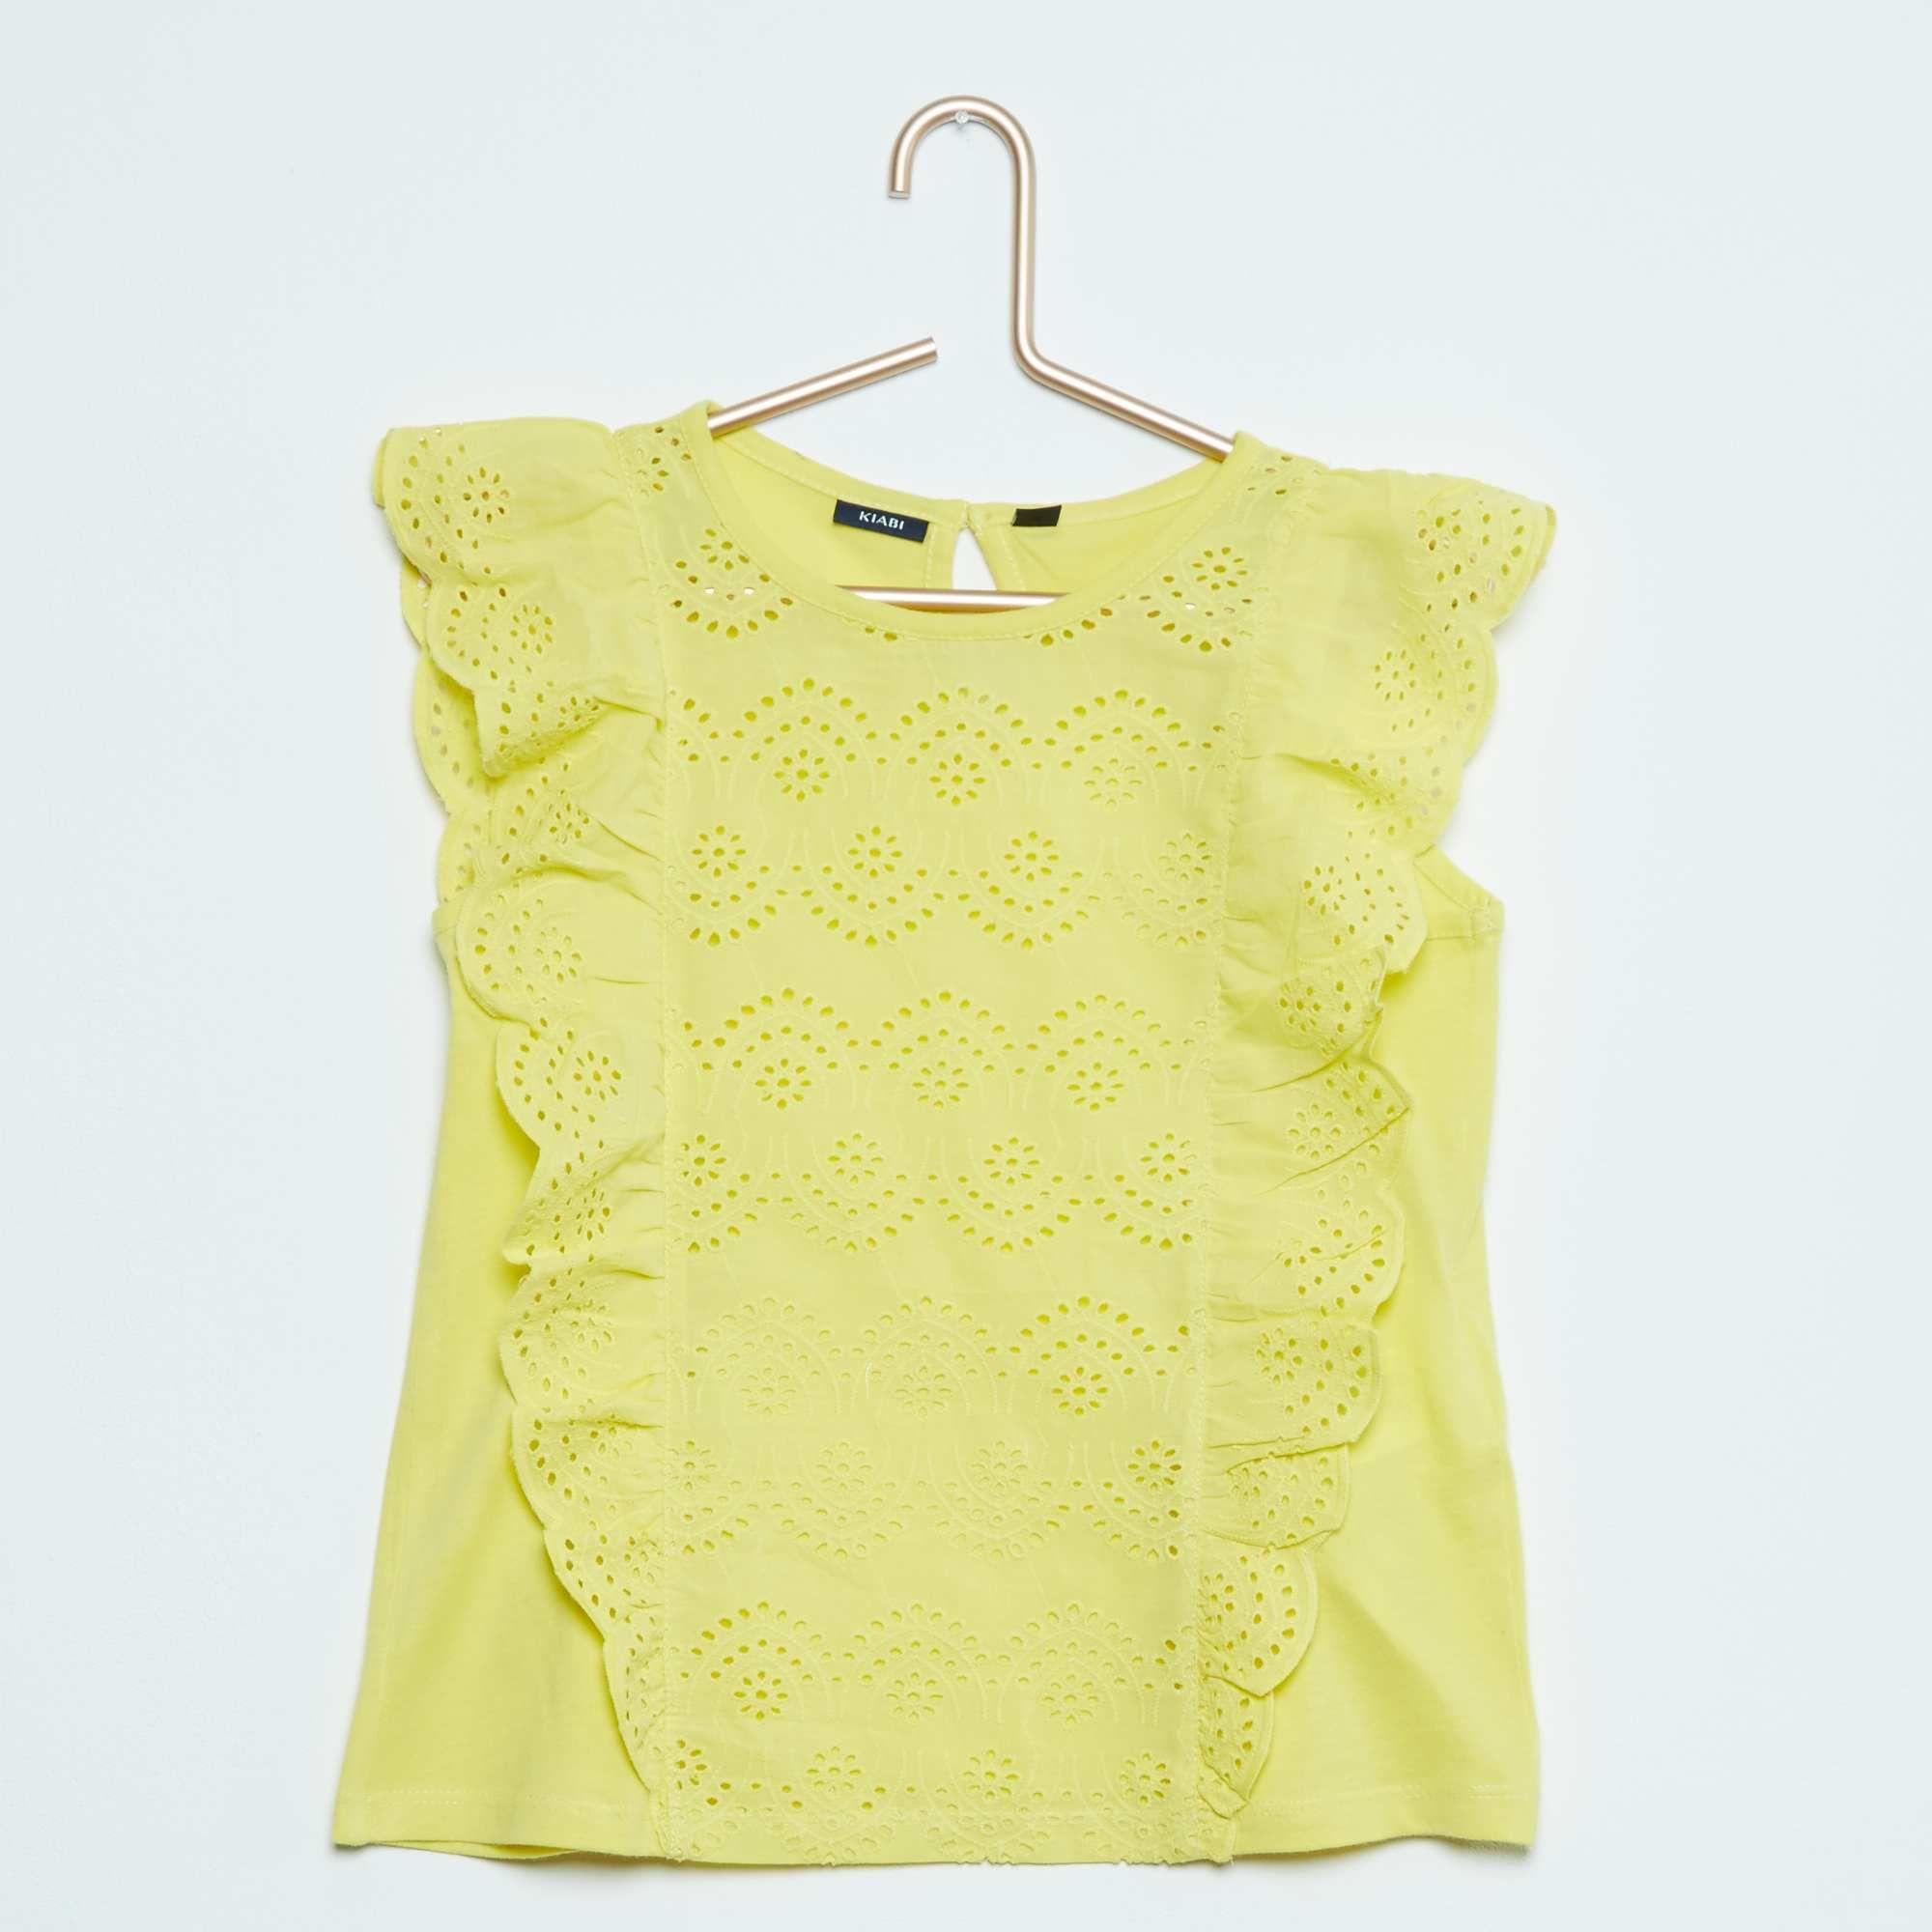 53142e05a1e Camiseta sin mangas con bordado inglés Chica - Kiabi - 10